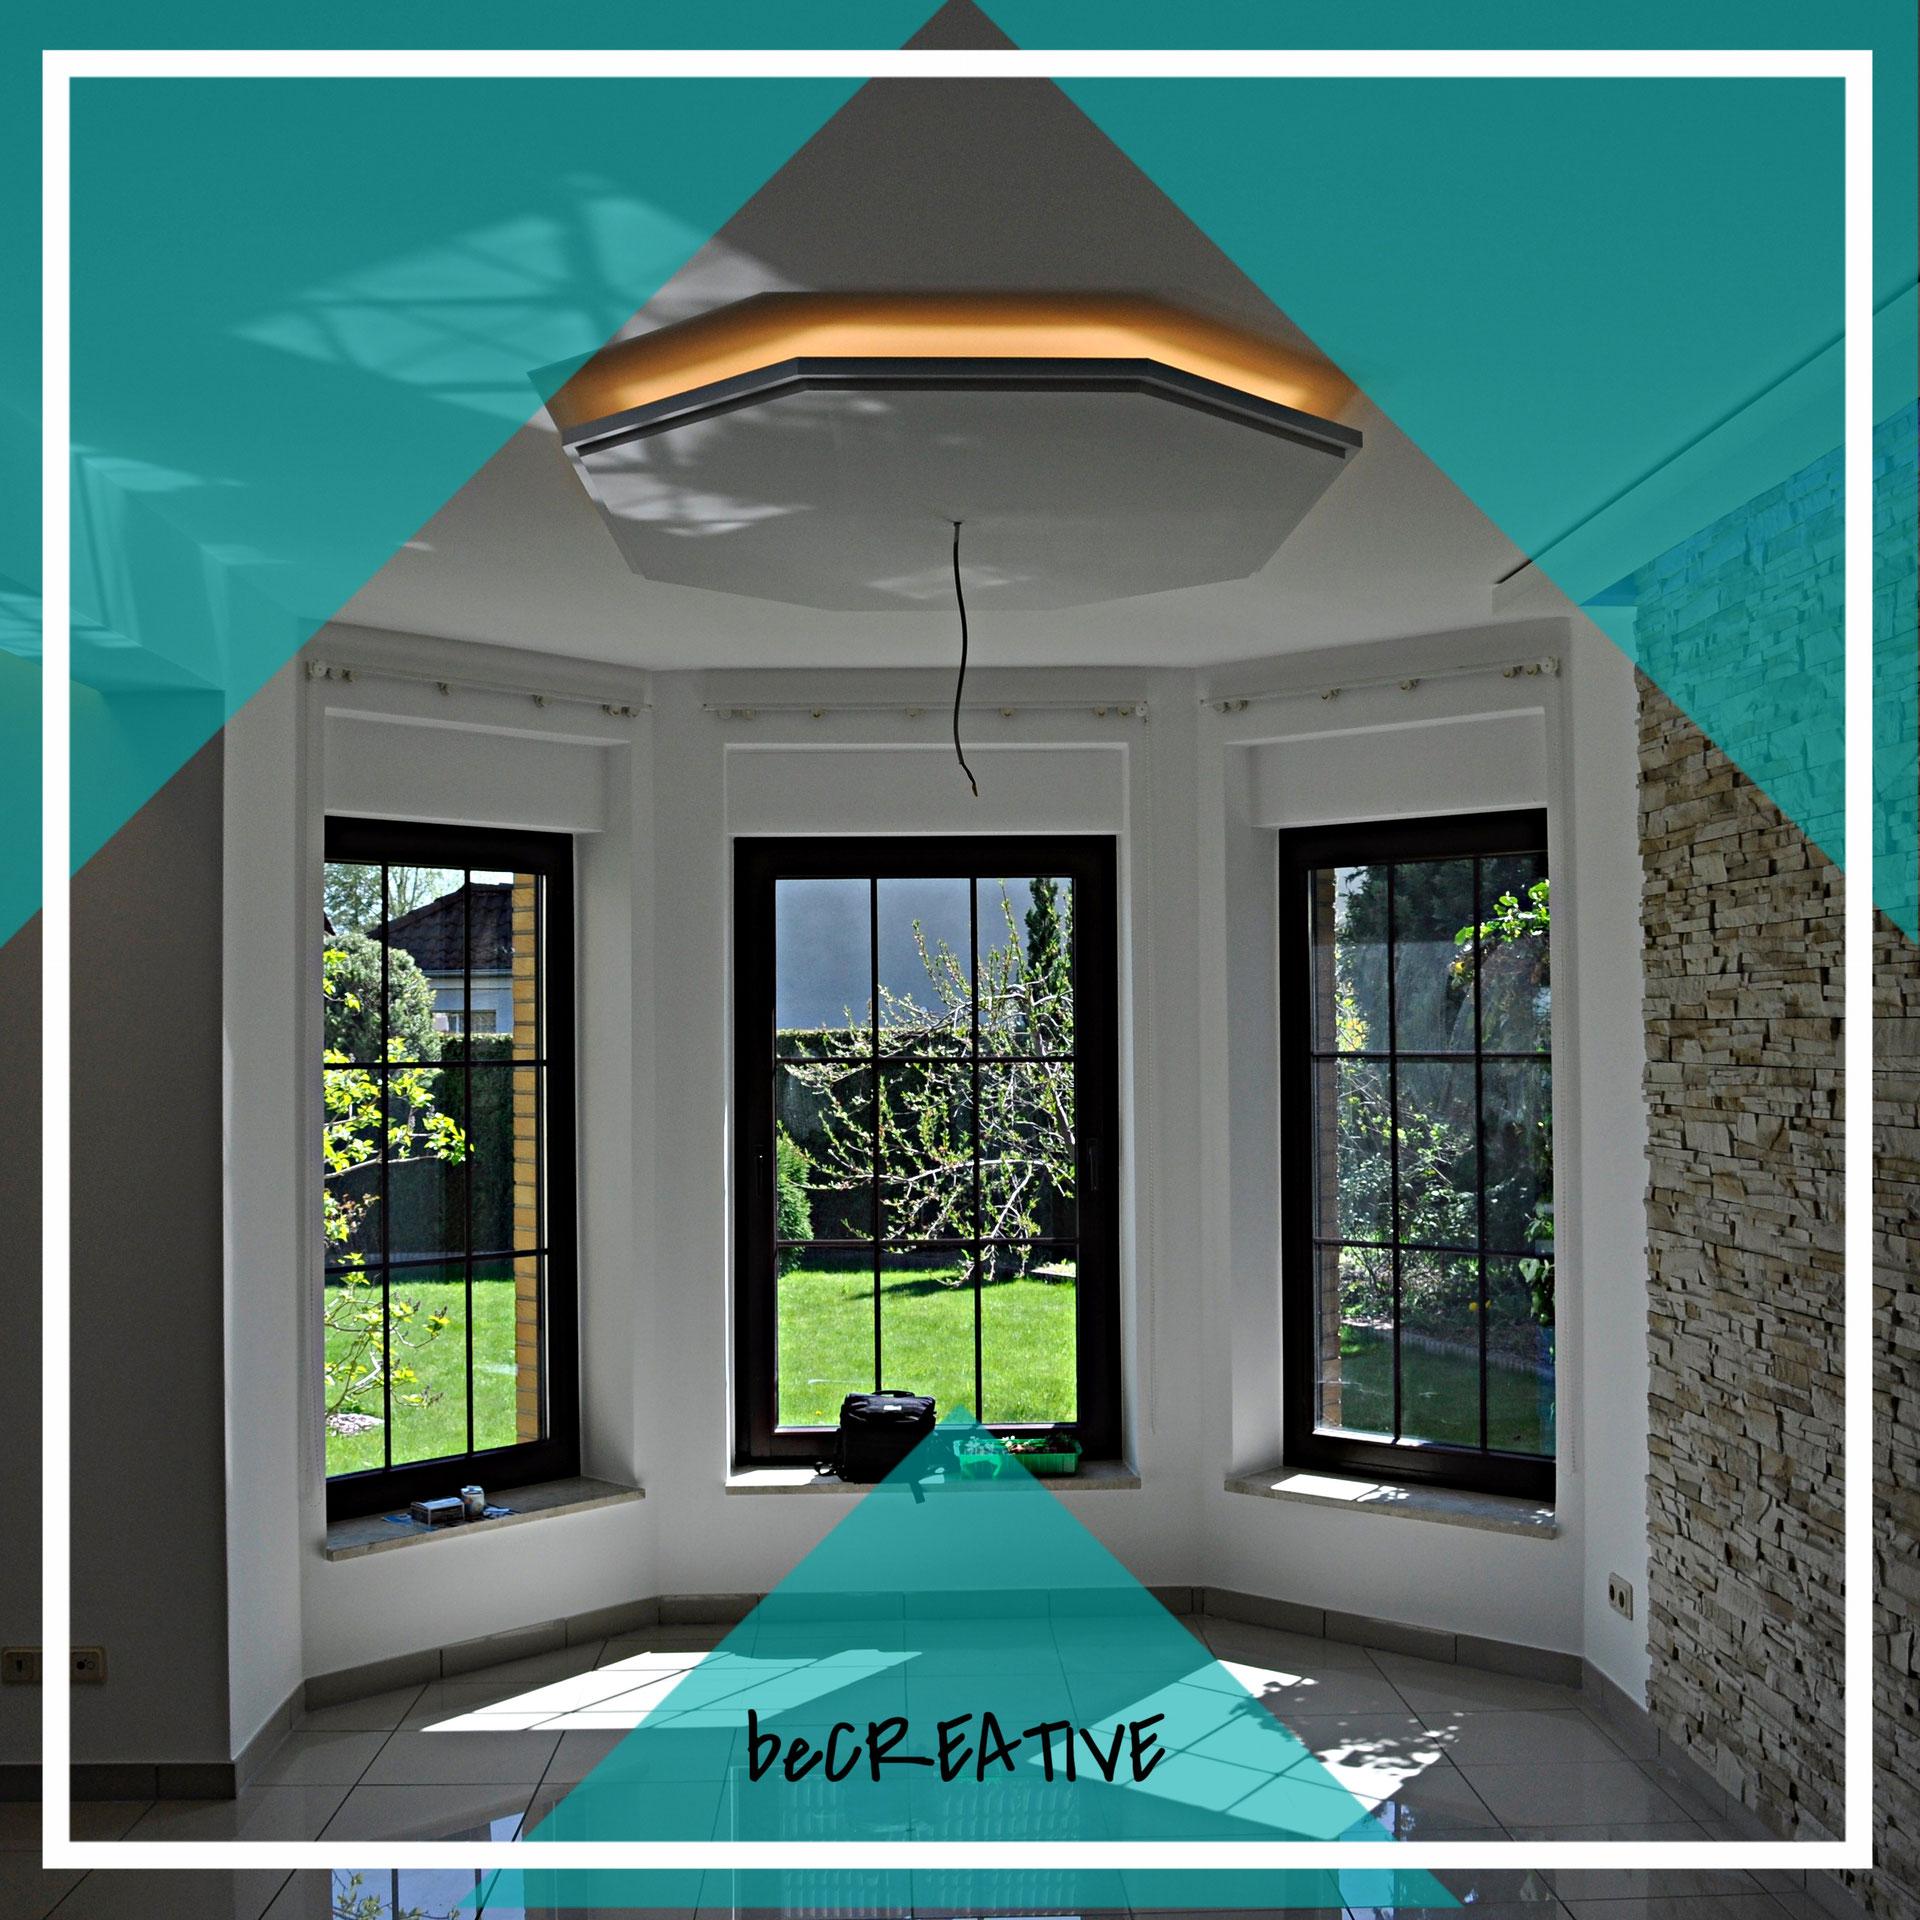 Indirekte Beleuchtung Gipskarton Elegant Abgehangte Decken: INDIREKTES LICHT Direkt Und